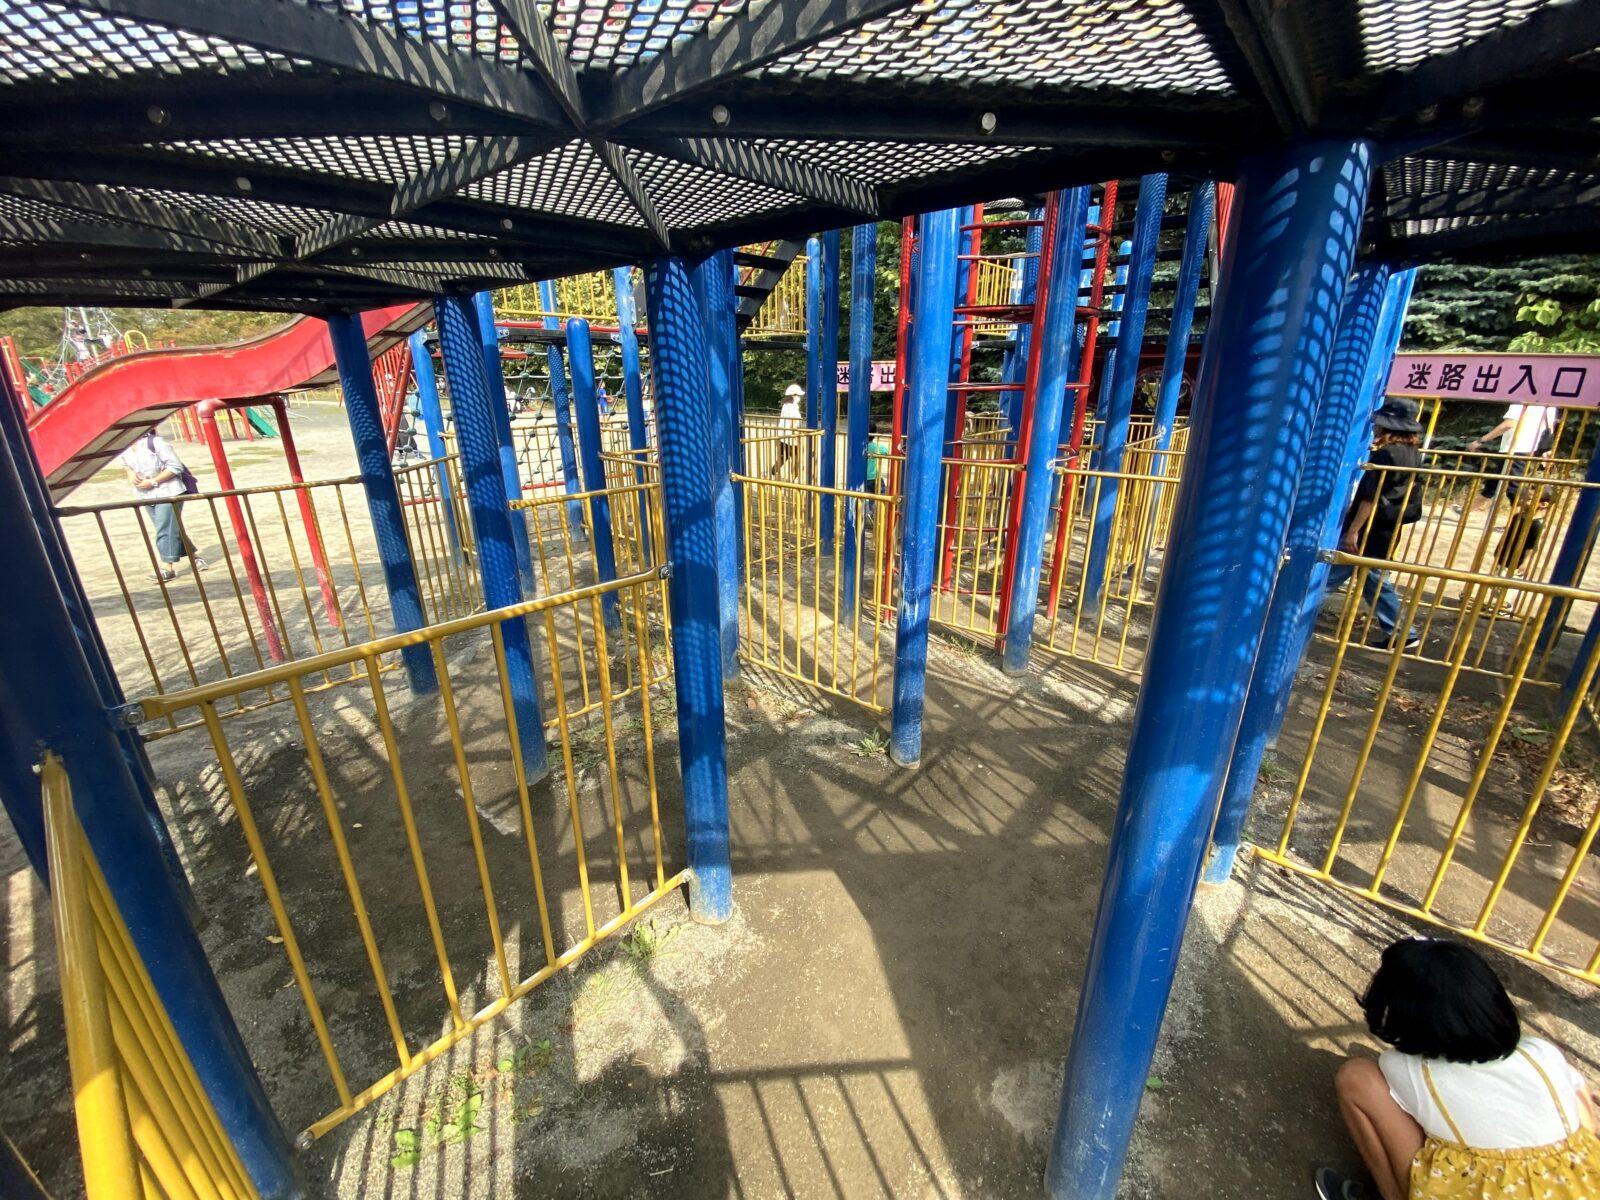 札幌 公園 大型遊具 百合が原 迷路